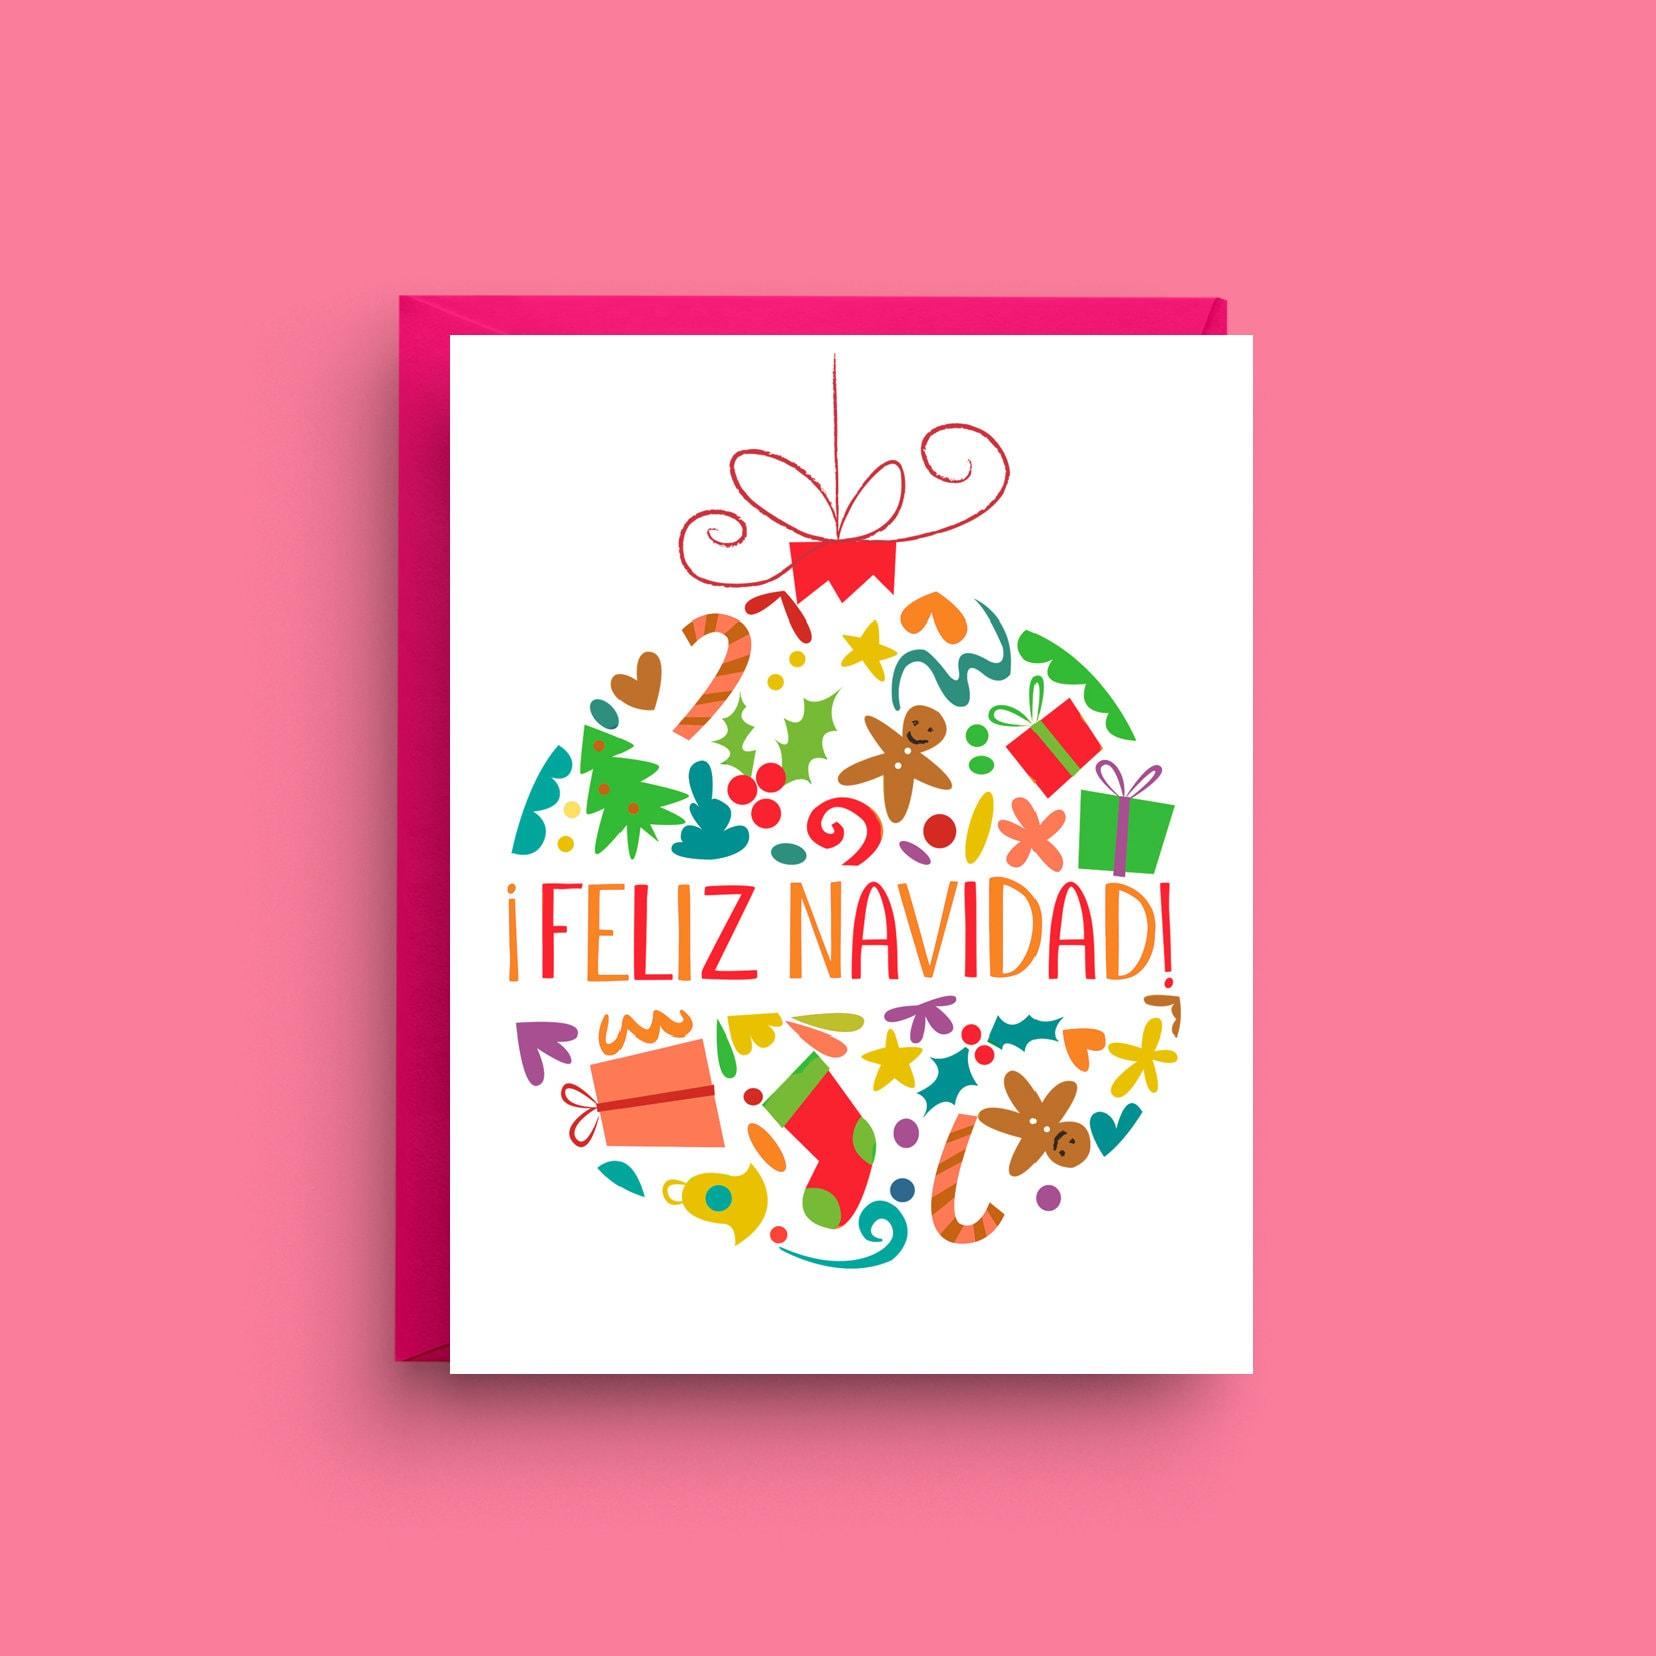 Feliz Navidad Card Merry Christmas Card Spanish Christmas Etsy